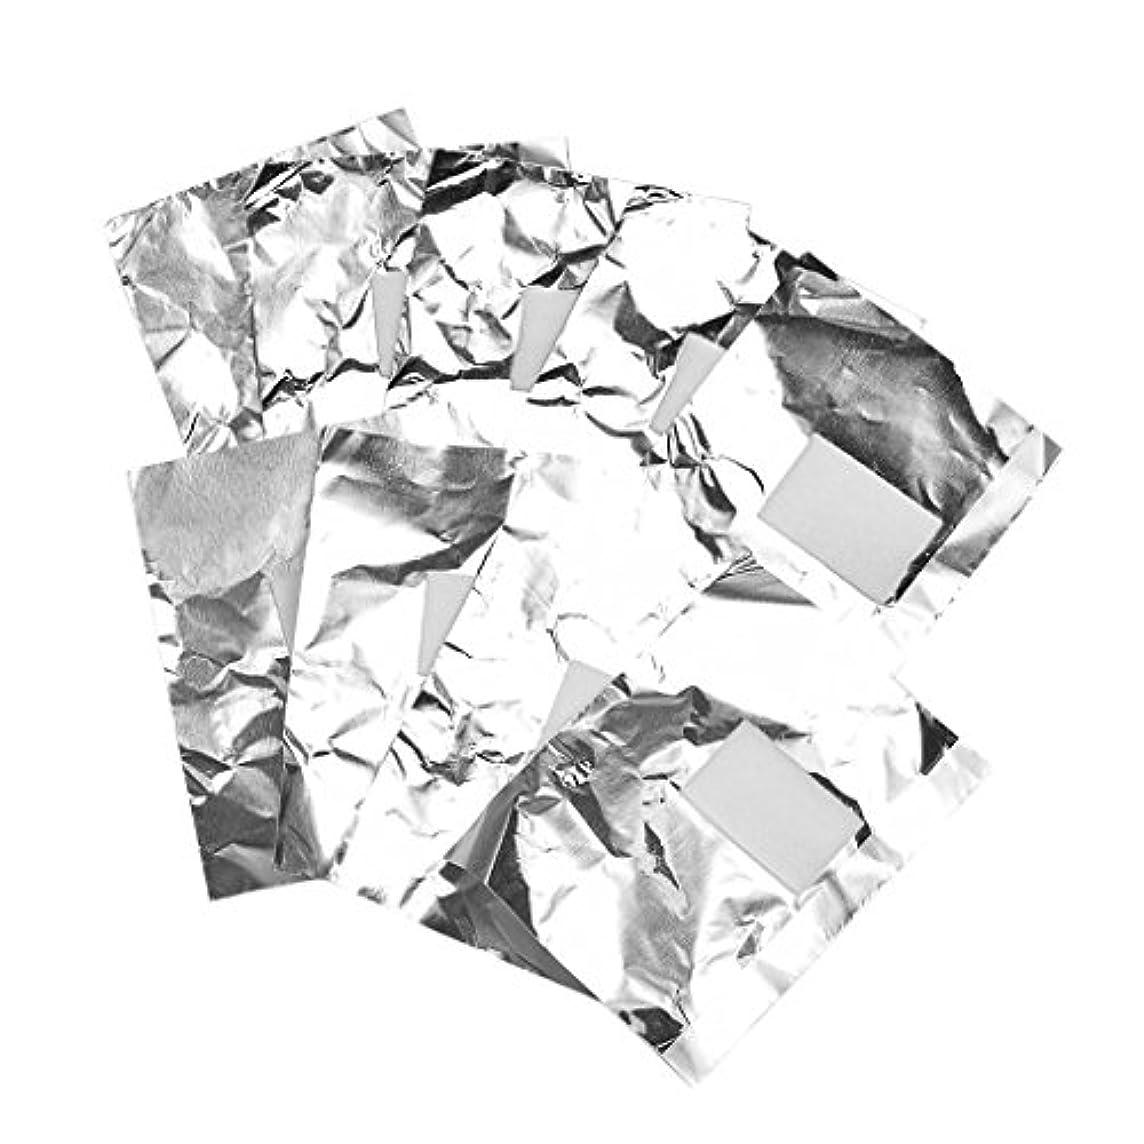 警官ユーザー極端な約100枚 ジェル除却 ネイルアート 錫箔紙 のり除却可能 ネイルオイル クリーナーツール 爪装飾除き 包み紙